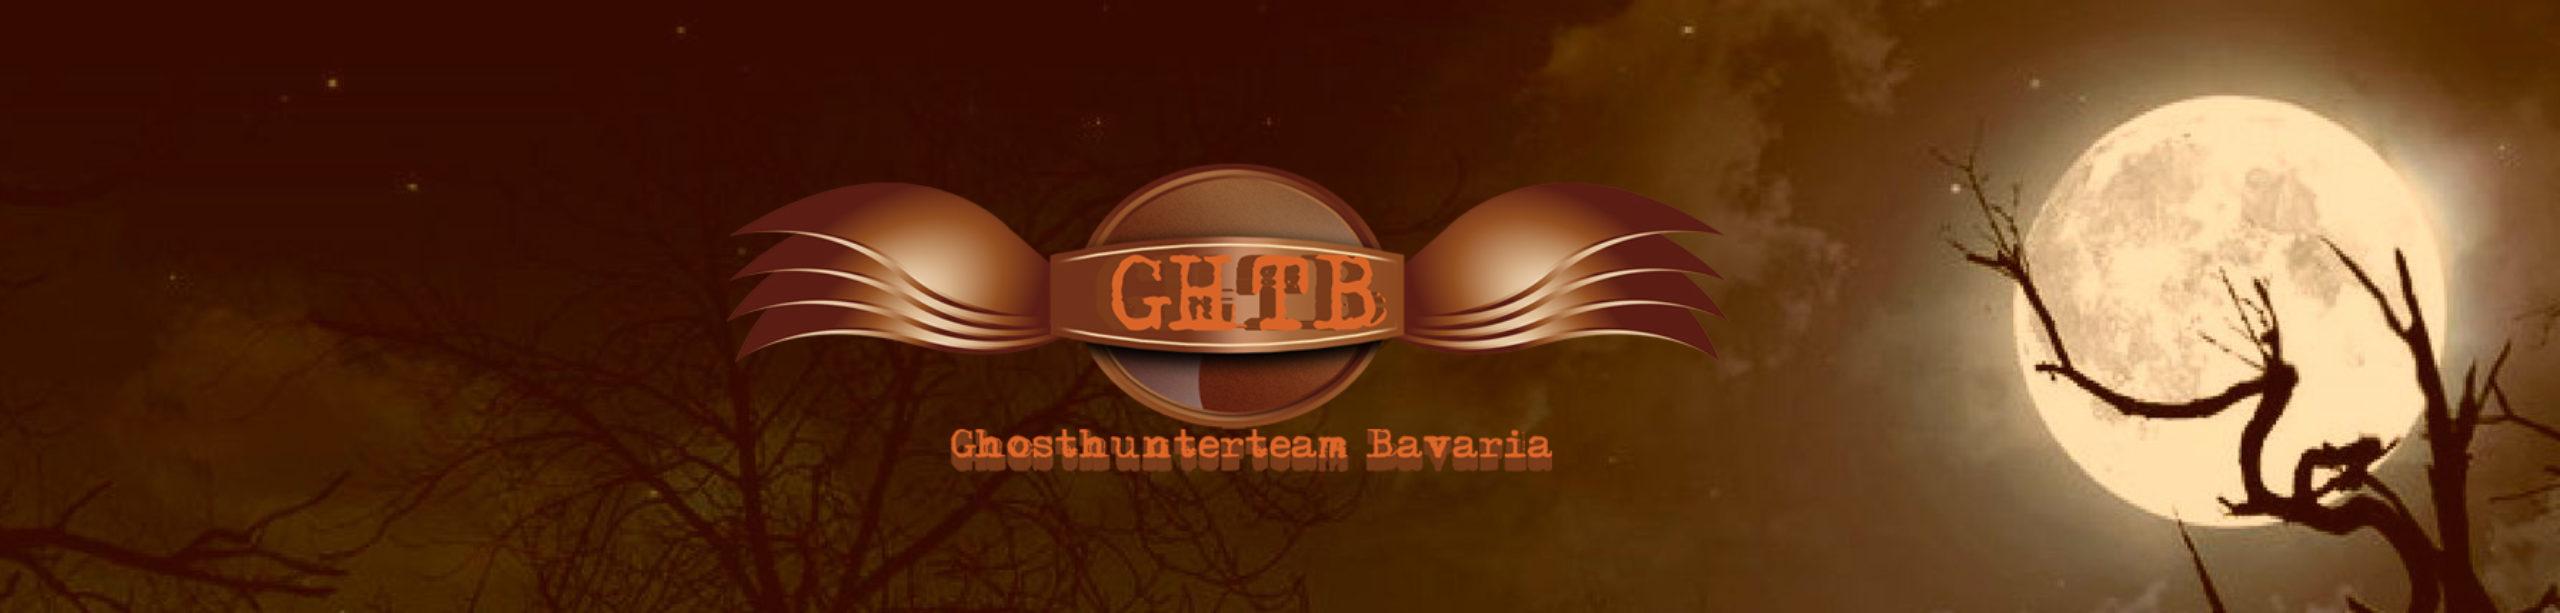 GhosthunterteamBavaria